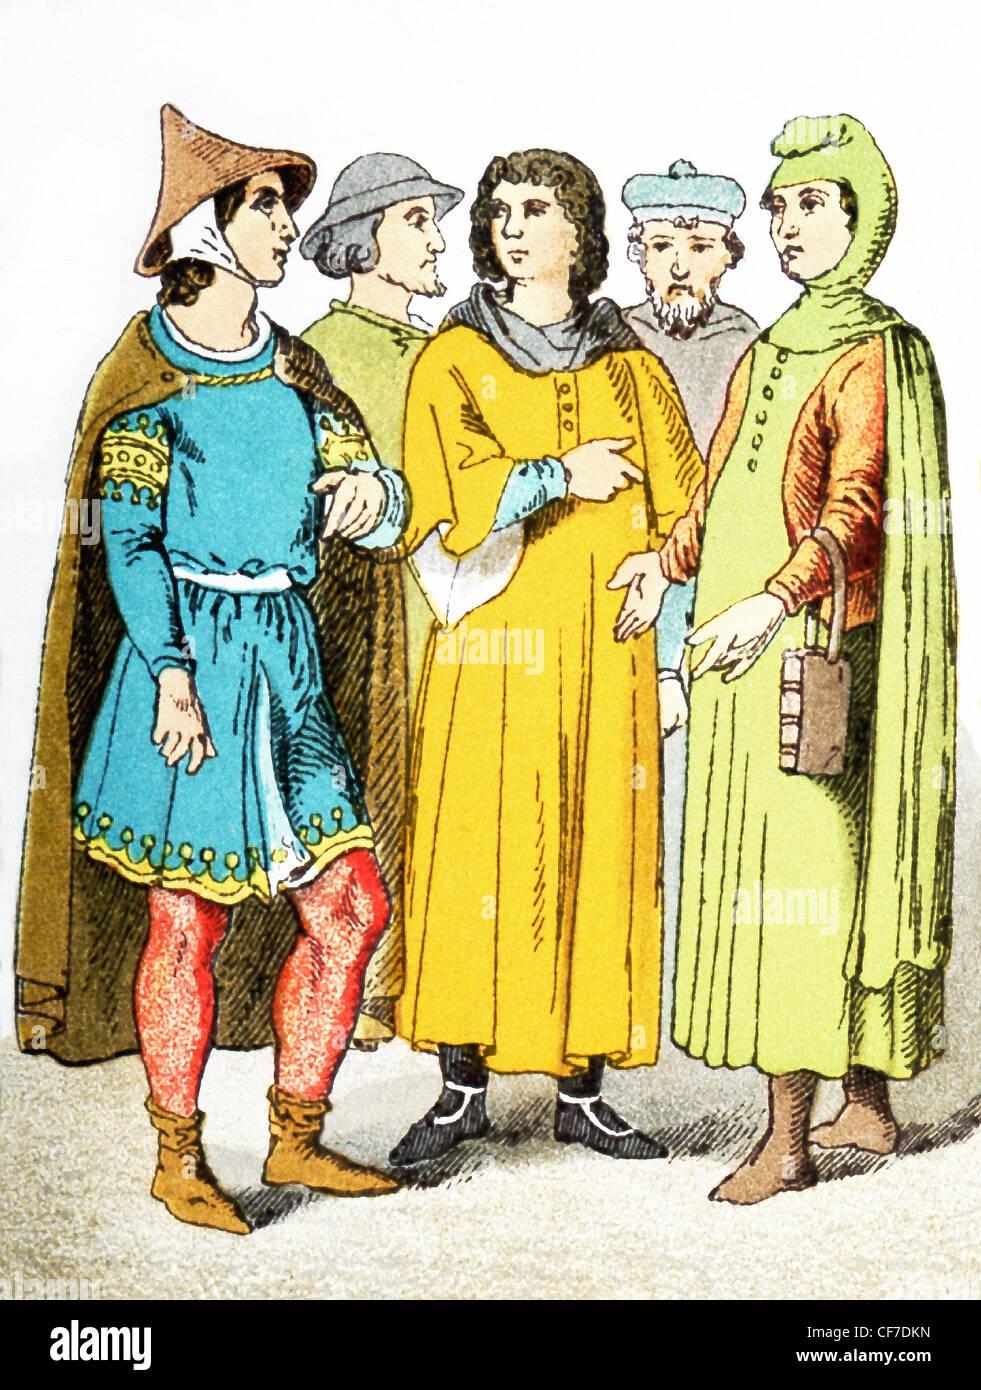 Le figure nell'illustrazione rappresentano cinque cittadini francesi circa A.D. 1200. L'illustrazione risale Immagini Stock